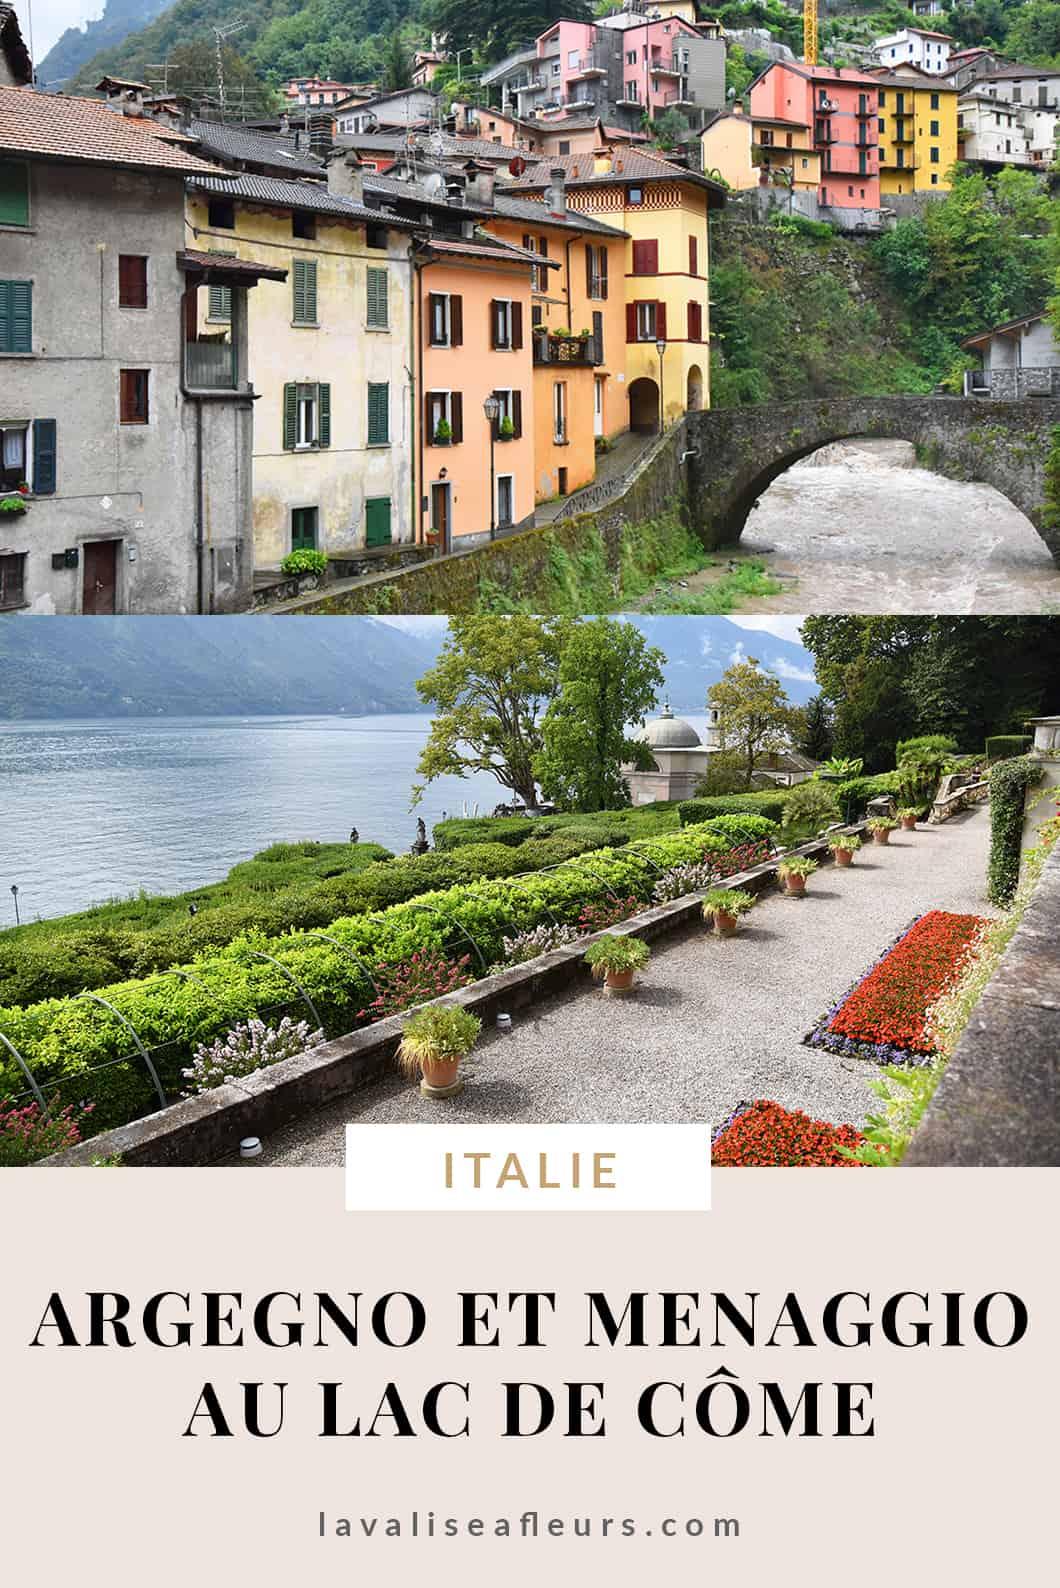 Visiter Argegno et Menaggio en Italie